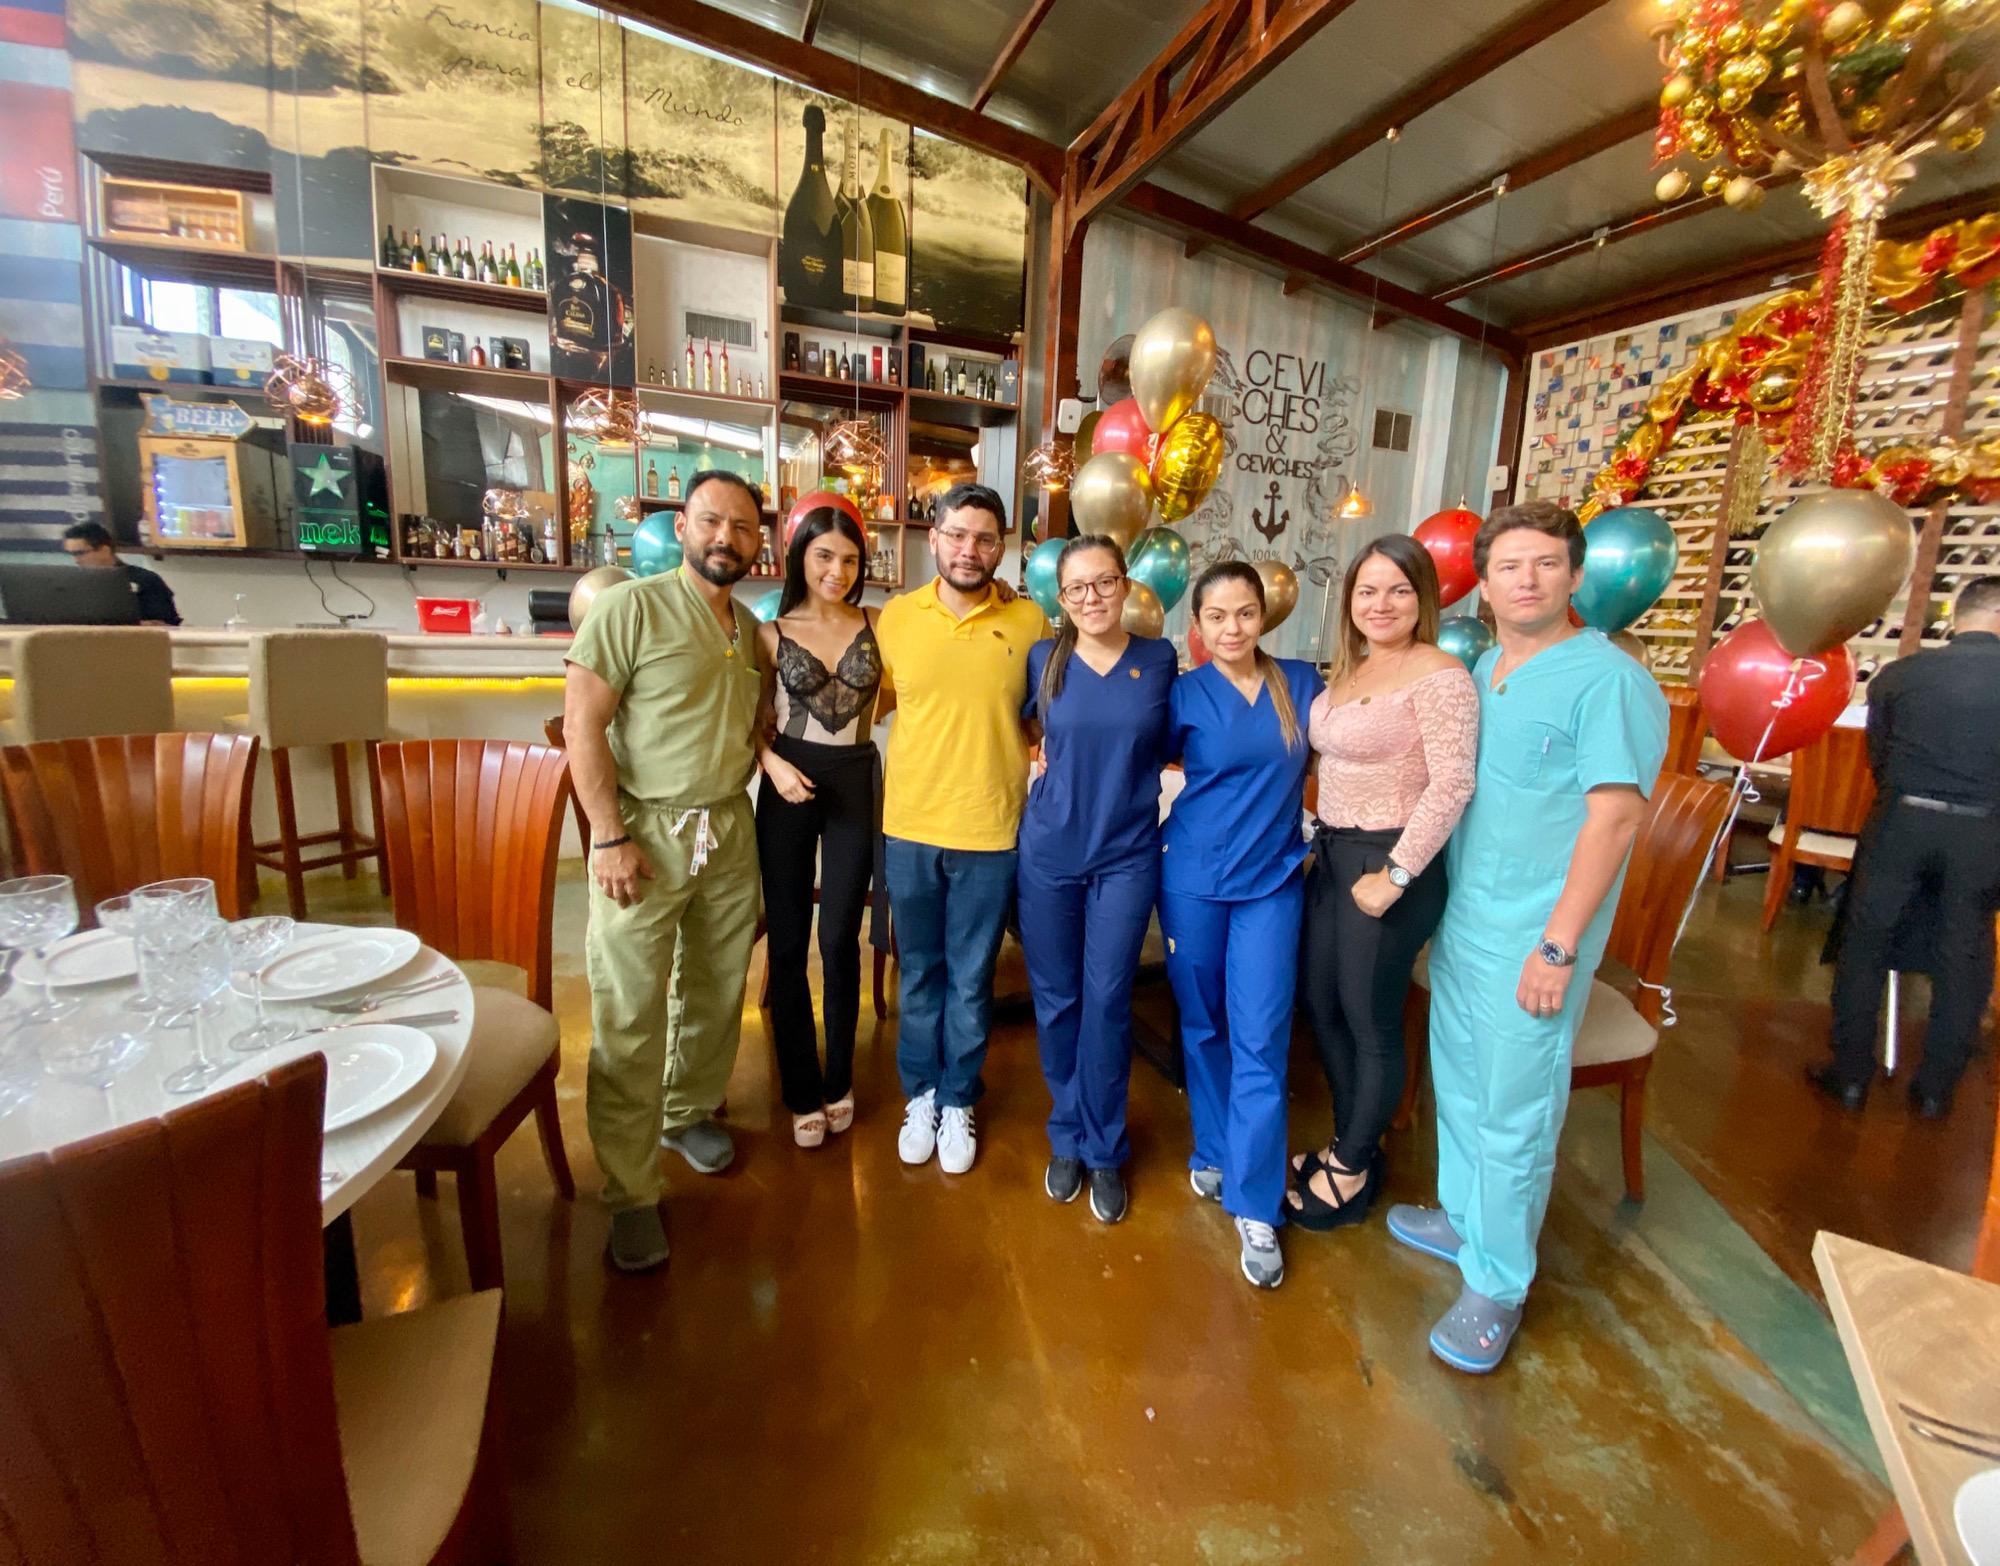 INTORAX! Agradeciendo 2019 y Recalculando 2020 🙏❤️. LA CIRUGIA DEL TÓRAX como supraespecialidad médica en Norte de Santander Colombia es un VALOR para CULTIVAR, MANTENER Y MEJORAR !!!!